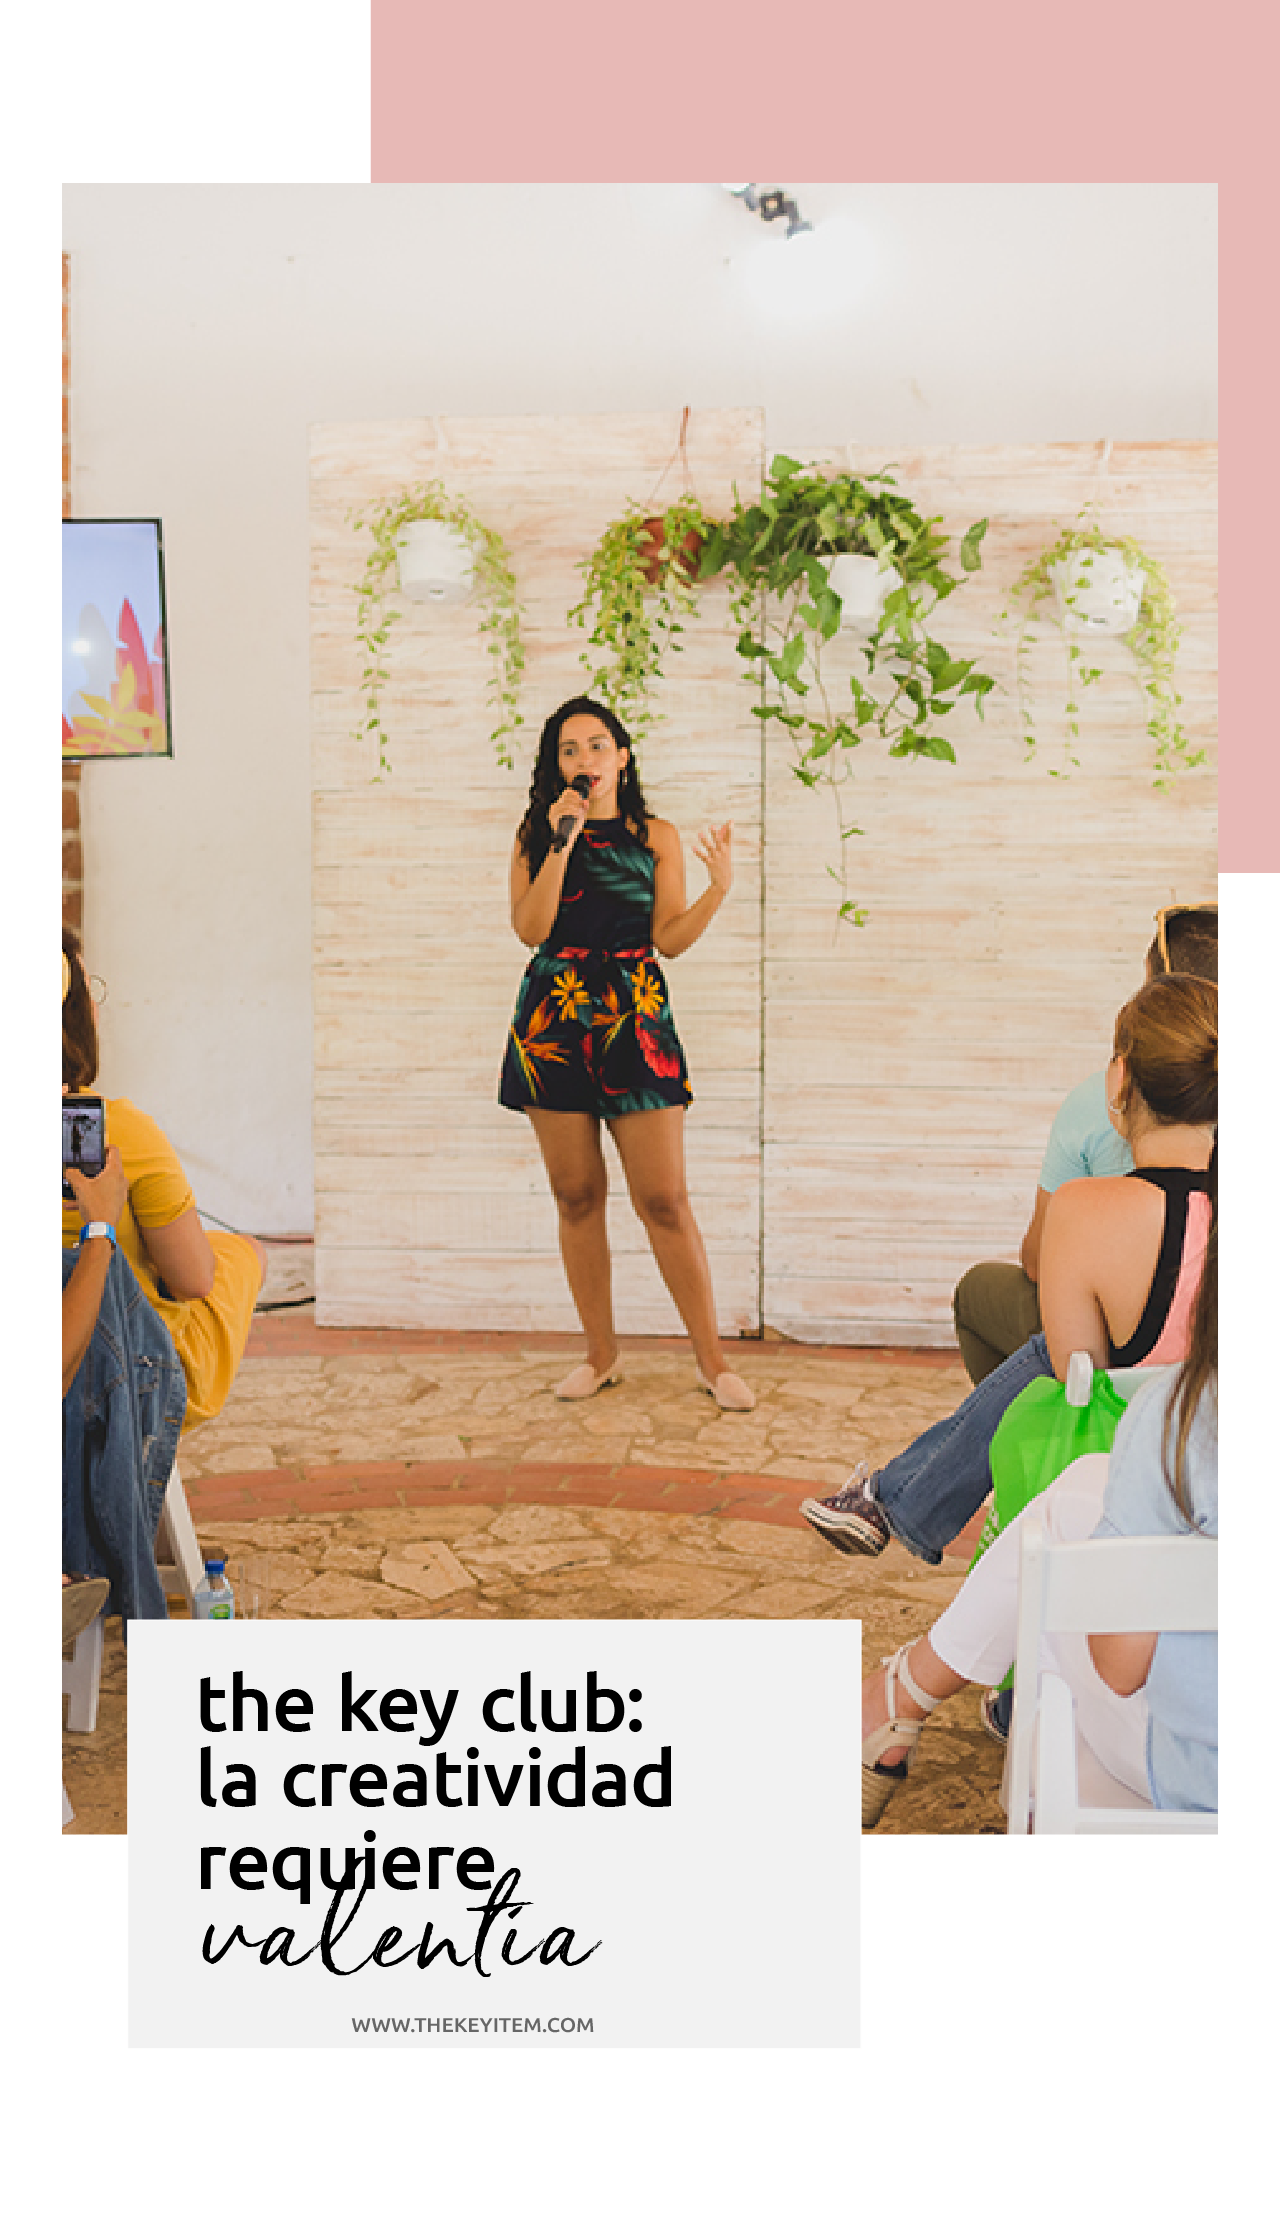 Desde ser criticados hasta el miedo al fracaso ¿cómo lidiar con esas emociones? De eso se trató este Workshop Creativo dentro del The Key Club. Descubre el recap de la actividad.